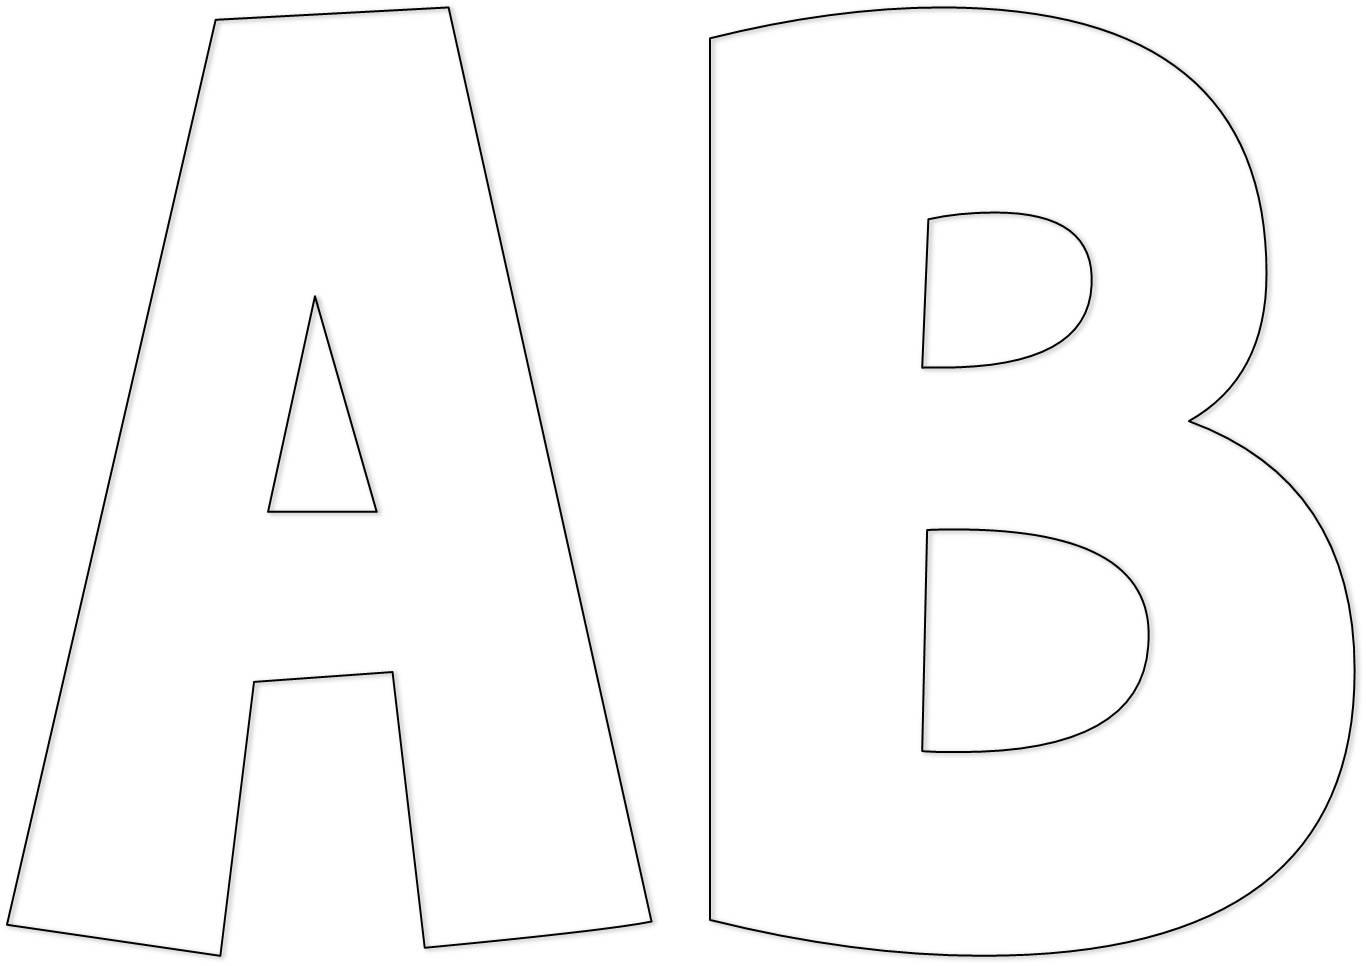 Sementinha mission ria alfabeto grande - Letras para letreros grandes ...